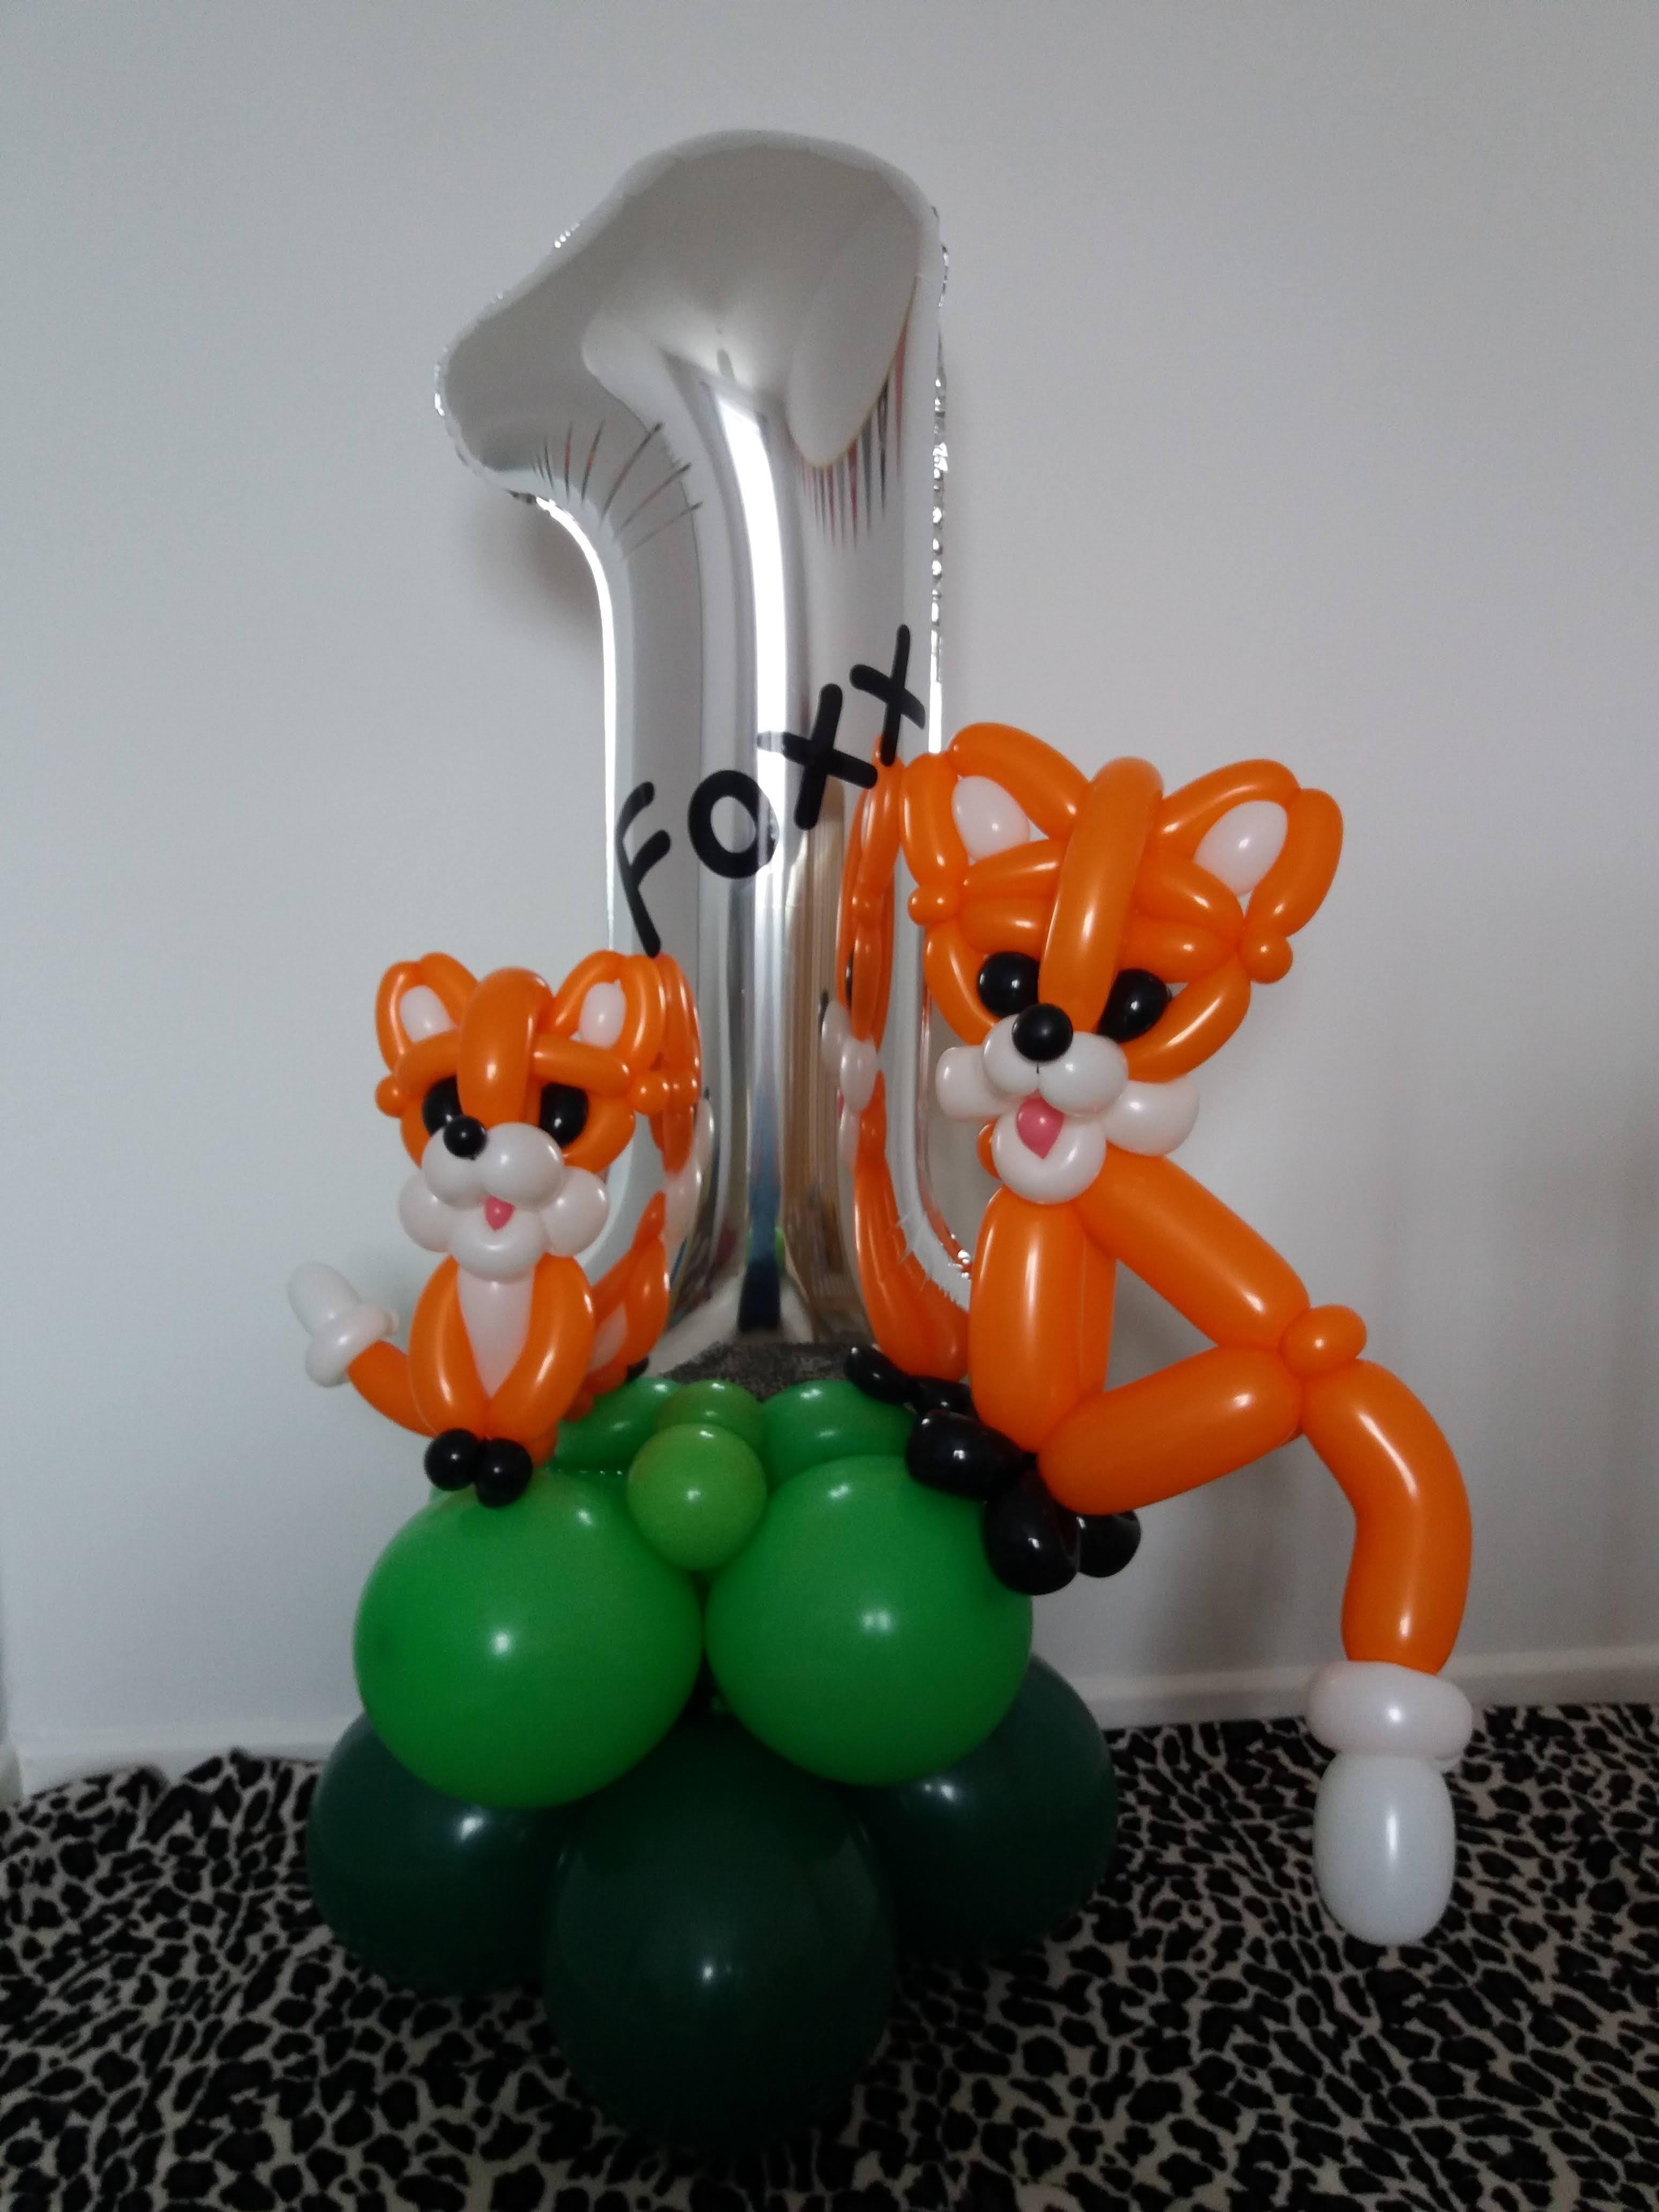 Fox £25 (1 fox £20)